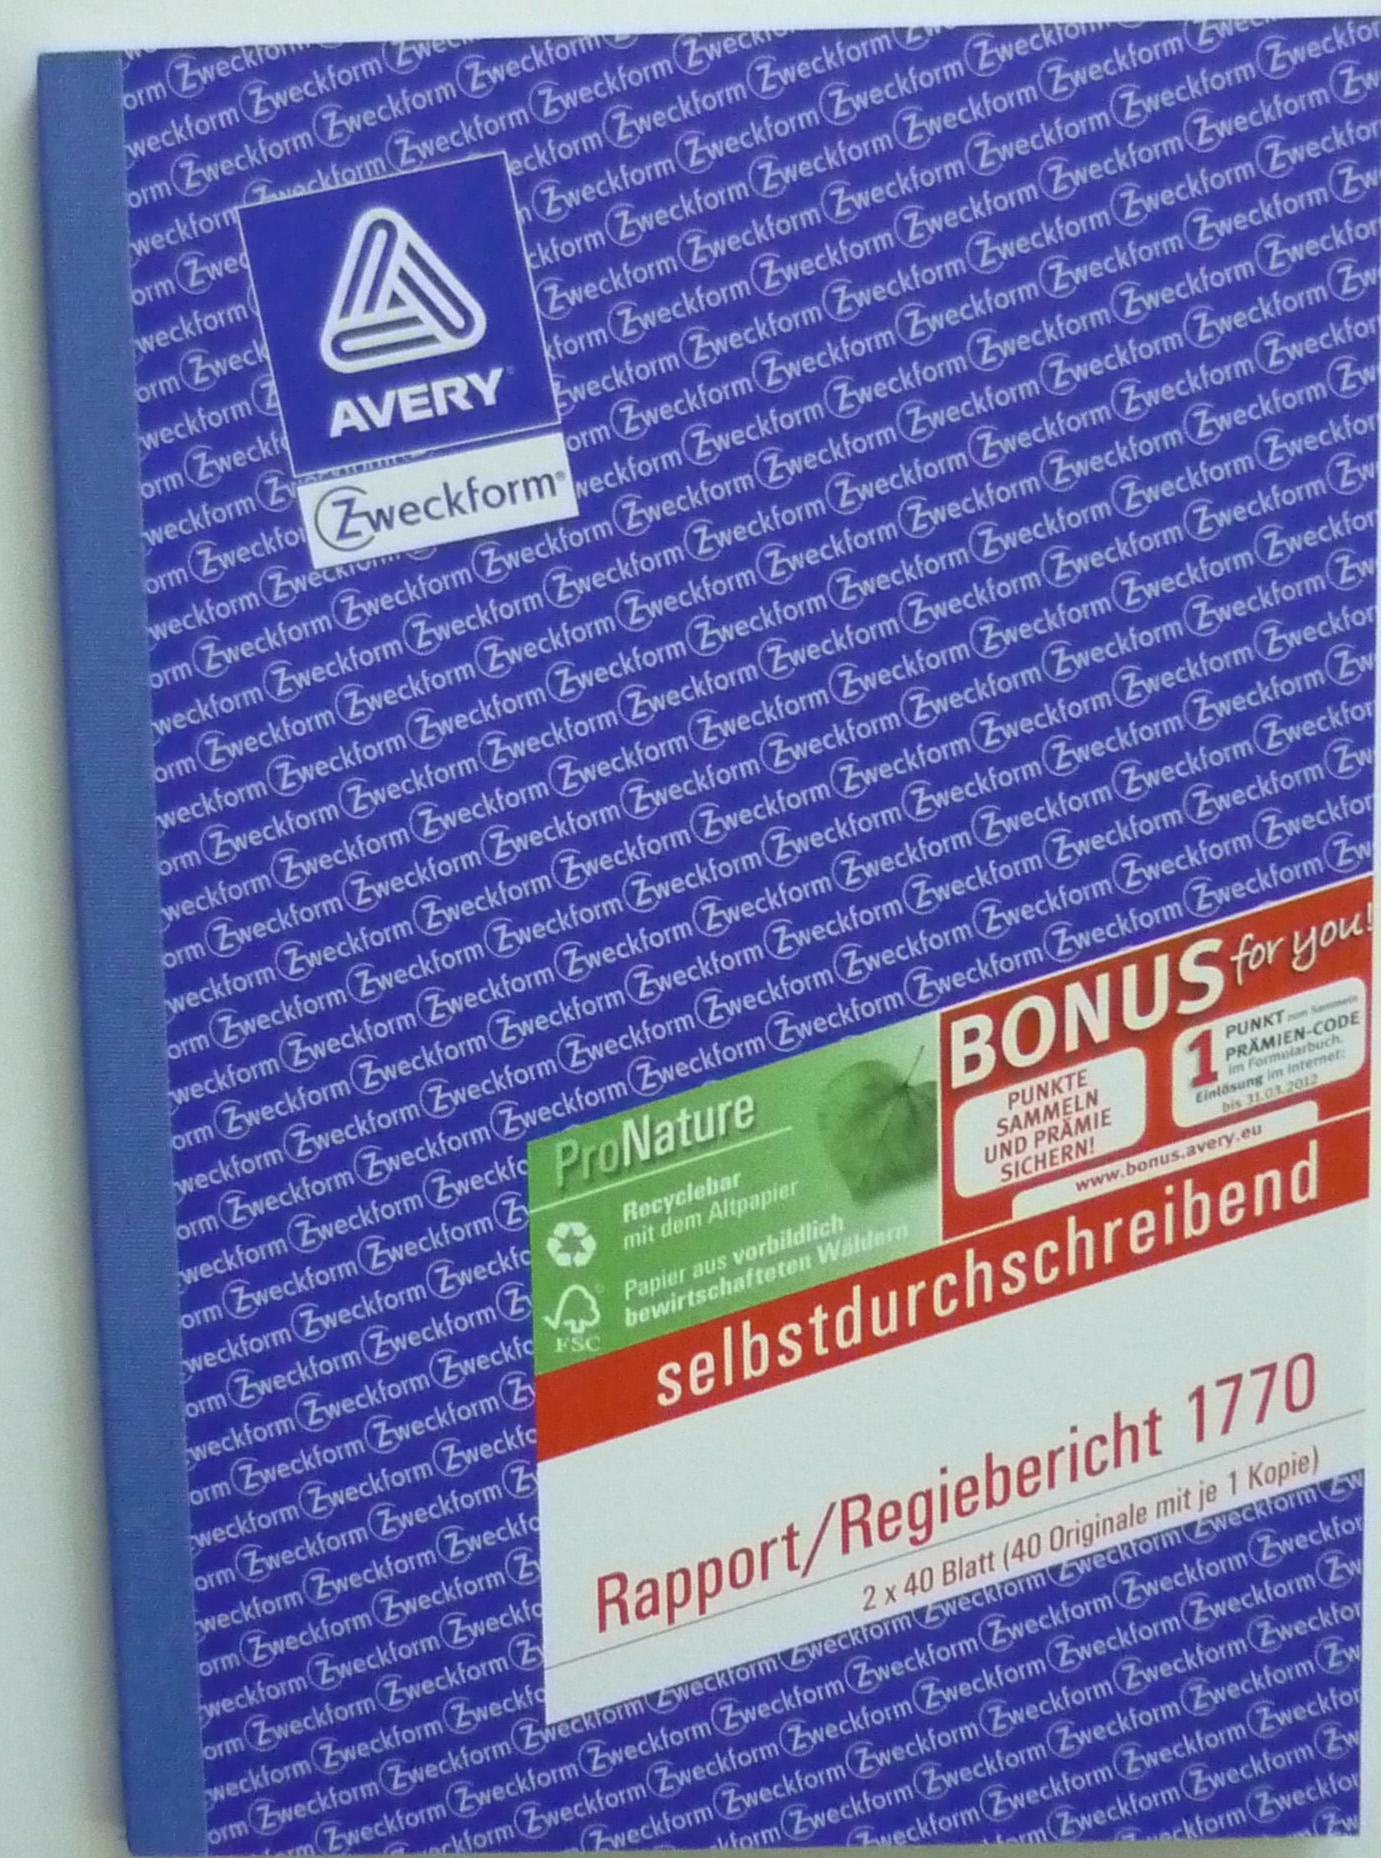 Rapport/Regiebericht A5 Zweckform 1770